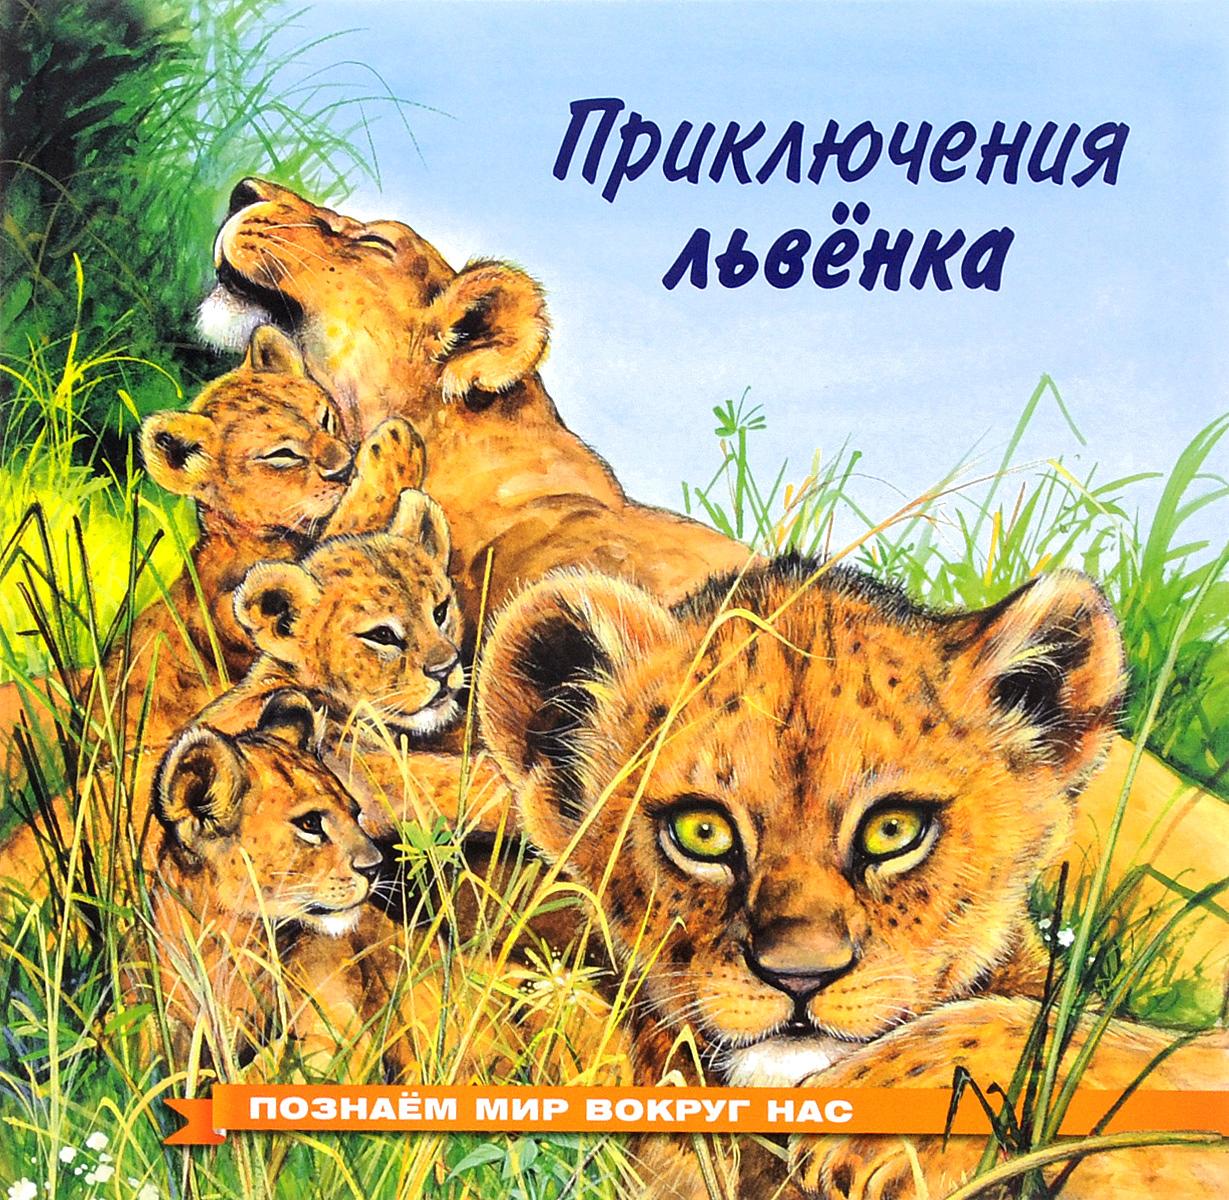 Приключения львенка